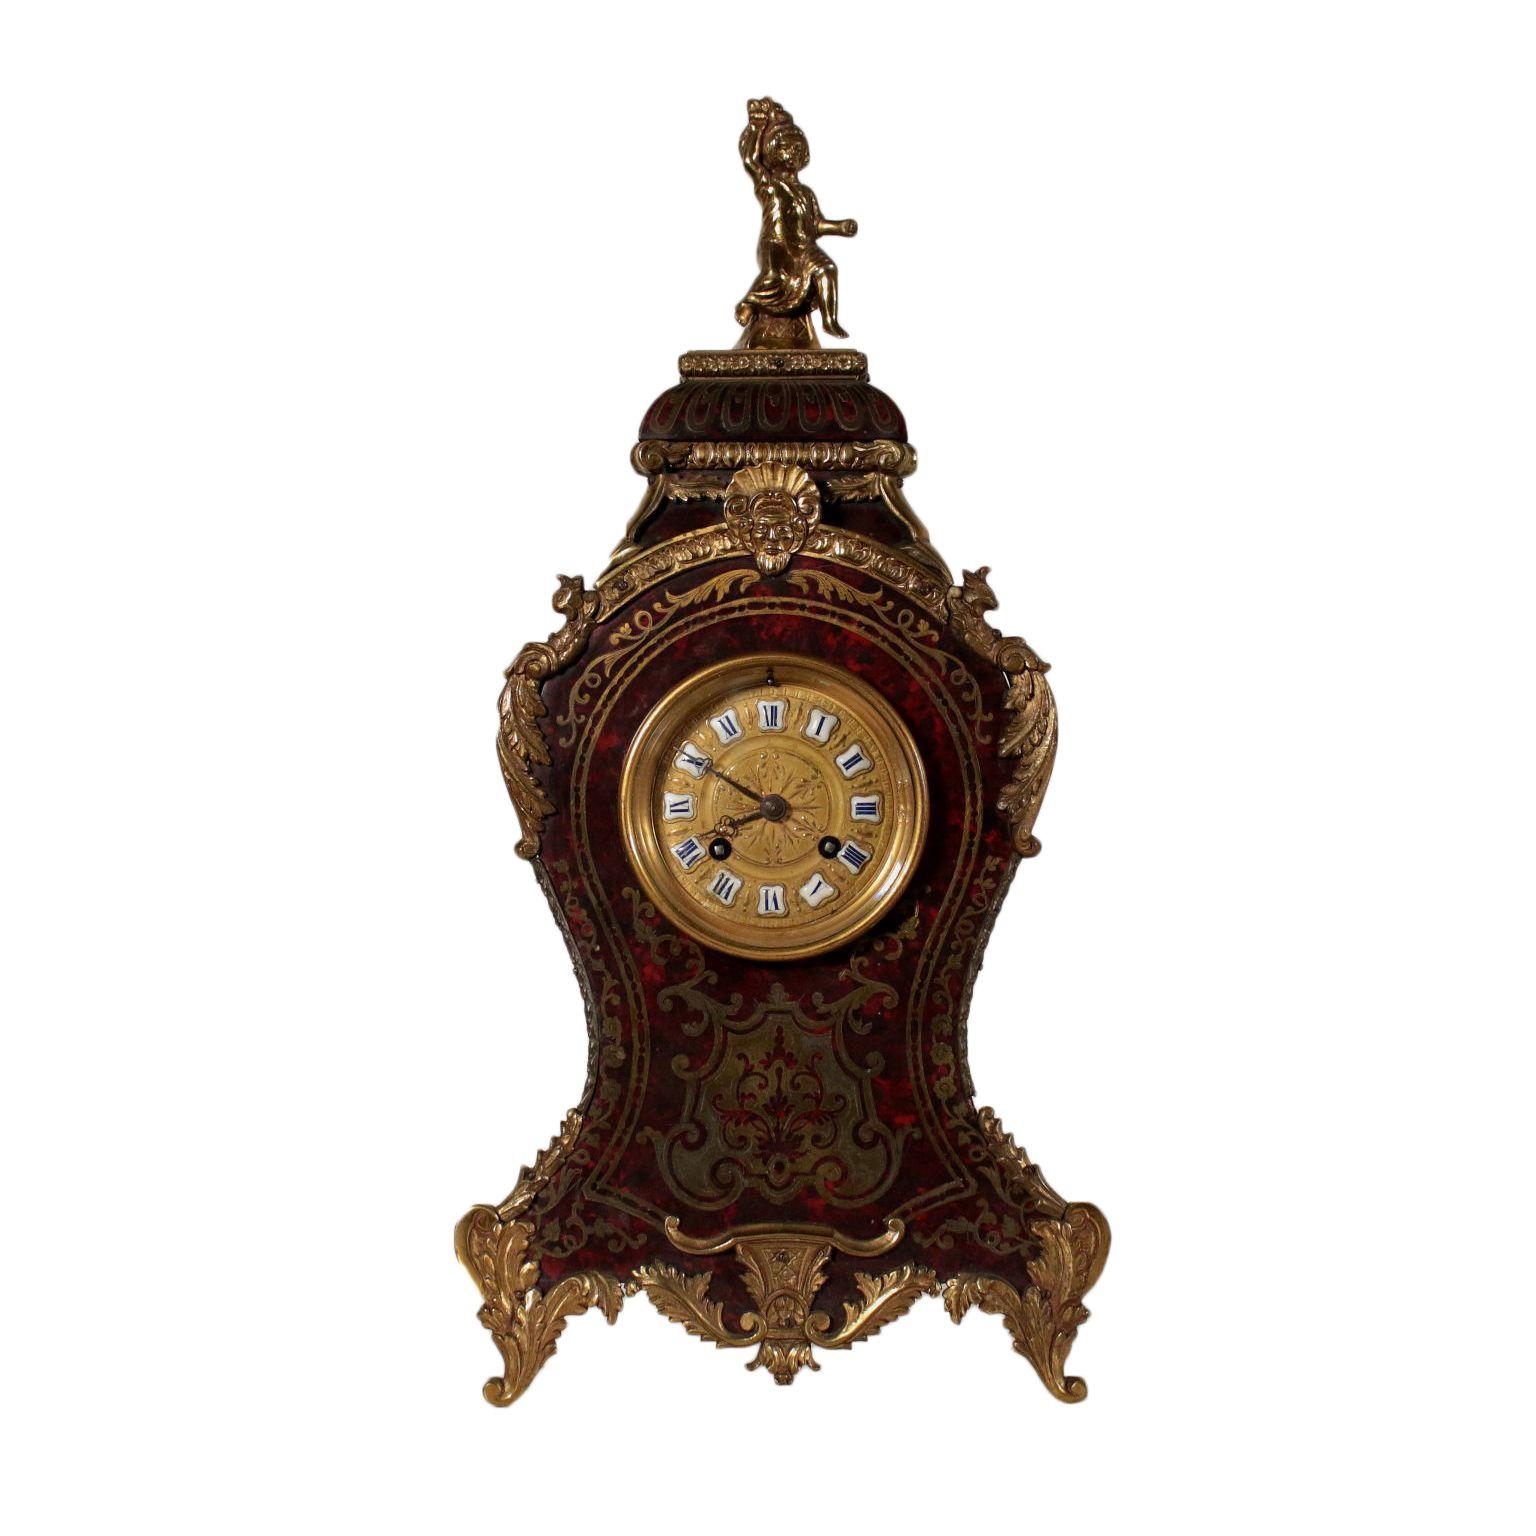 Antiquitäten Barocke Tischuhr Bronze Holz Frankreich 19 Jahrundert Barocke Tischuhr Aus Holz Schildpatt Mit Bronzeeinlagen Furniert Pendule Baroque Bois